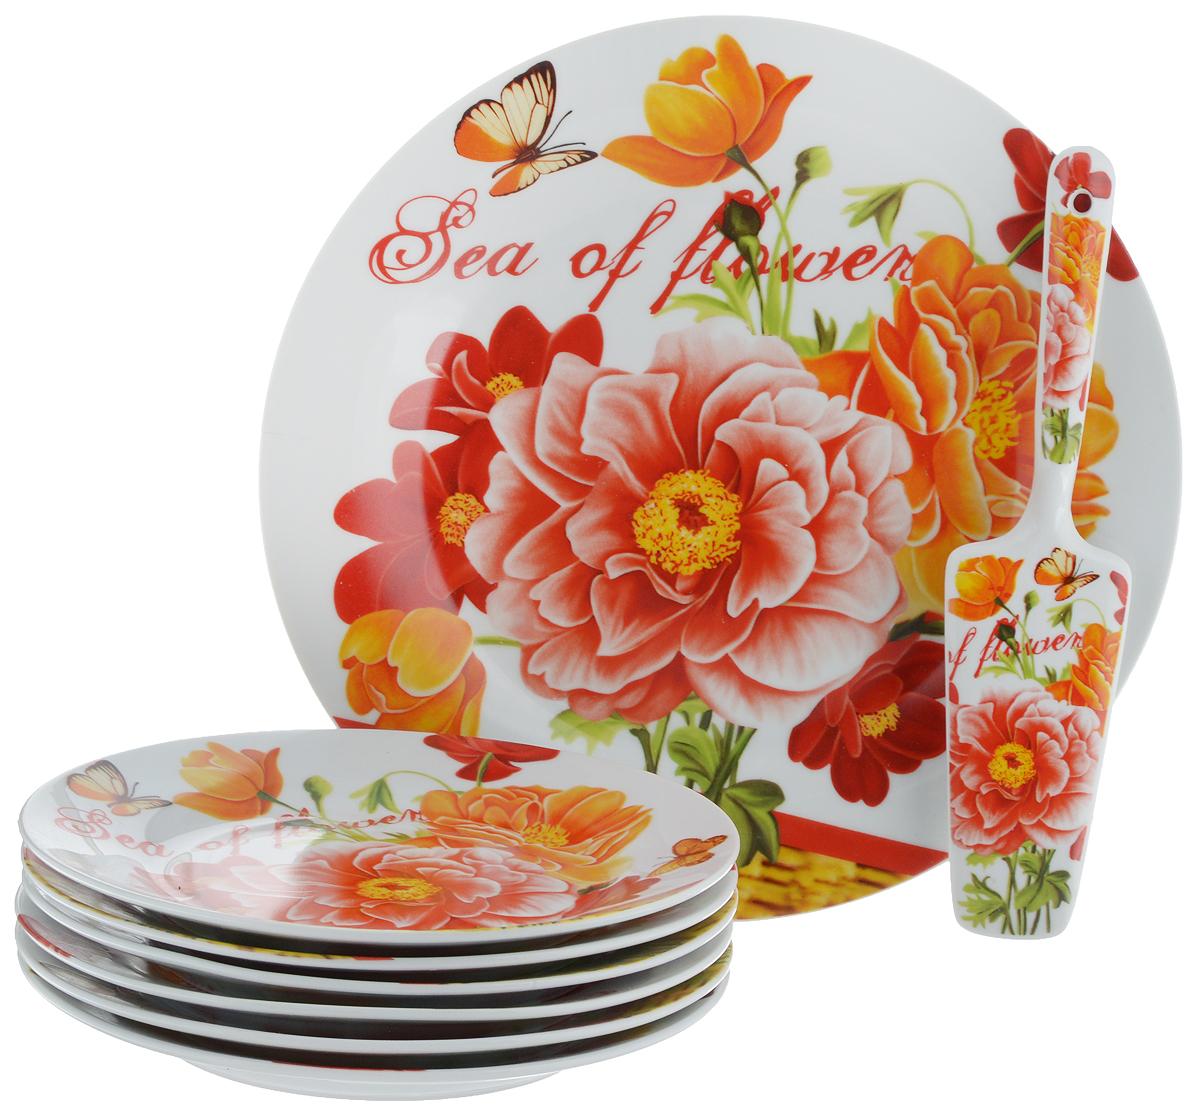 Набор для торта Bella, 8 предметов. DL-S8CB-177DL-S8CB-177Набор для торта Bella состоит из 7 тарелок и лопатки. Изделия выполнены из высококачественного фарфора и оформлены ярким рисунком. Набор идеален для подачи тортов, пирогов и другой выпечки. Яркий дизайн сделает набор изысканным украшением праздничного стола. Диаметр меленьких тарелок: 19,3 см. Диаметр большой тарелки: 26,5 см. Размеры лопатки: 23 х 5,3 х 2 см.